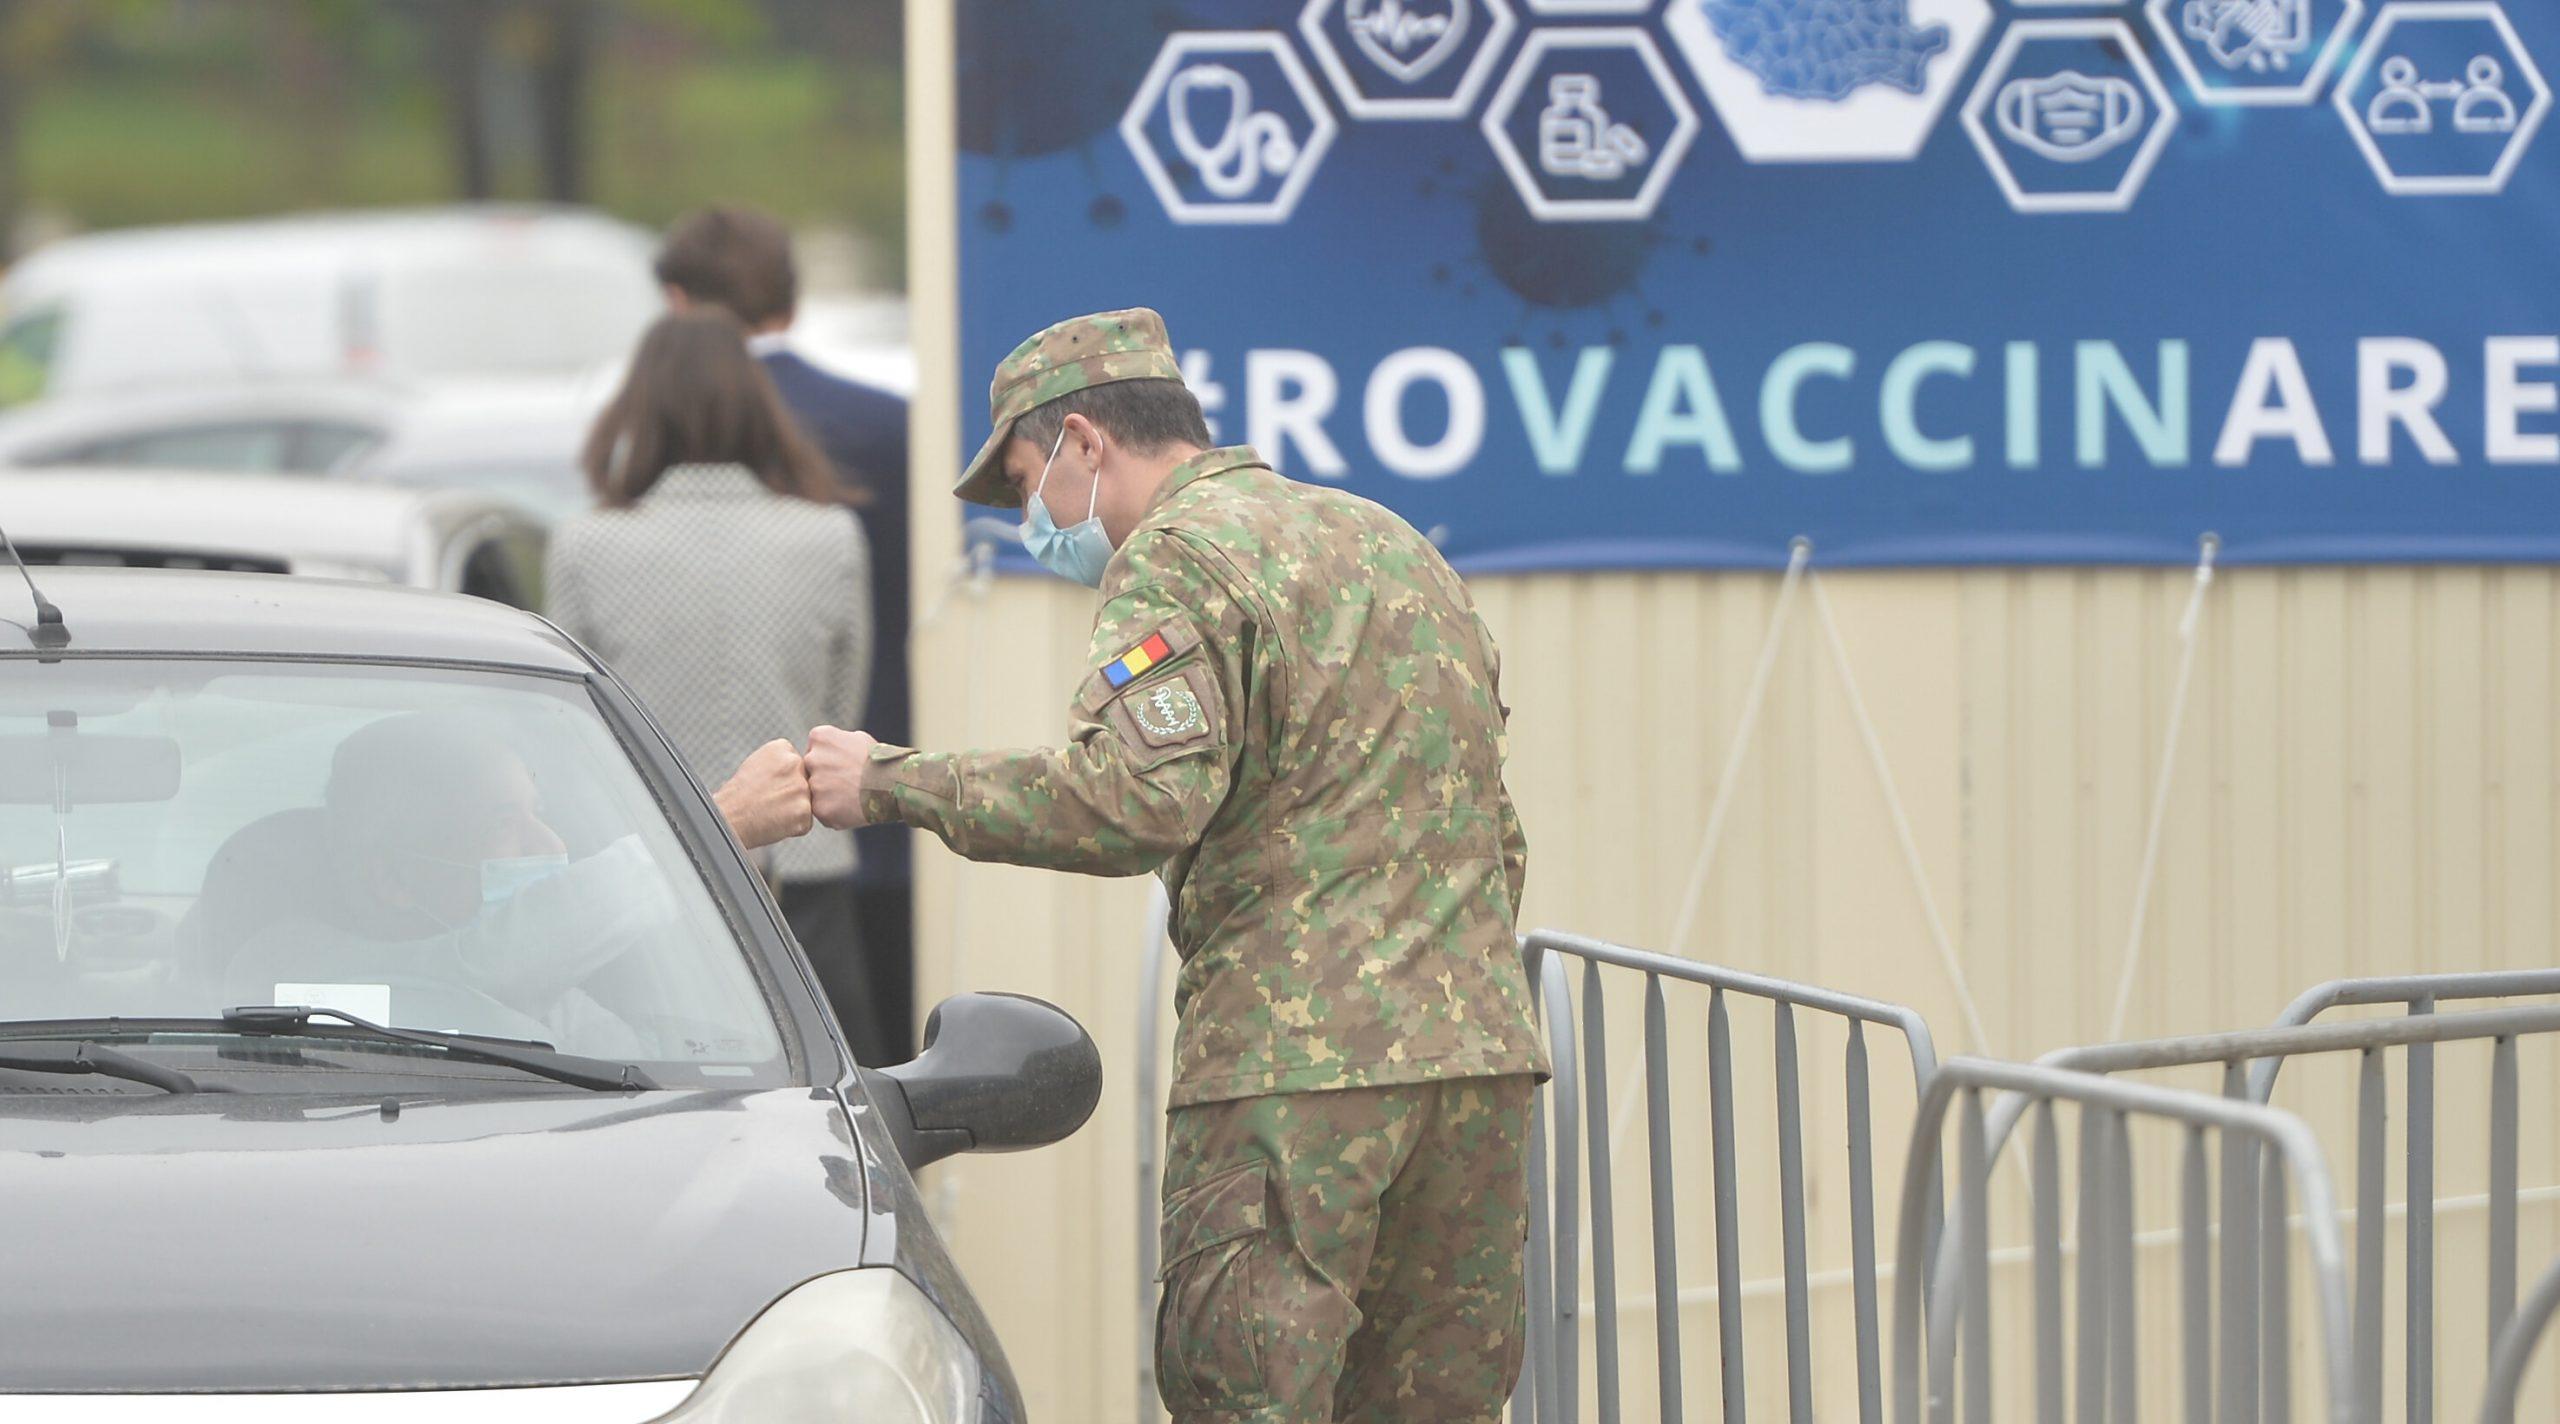 România, țara est-europeană cu cel mai scăzut randament în a-și convinge cetățenii să se vaccineze împotriva Covid